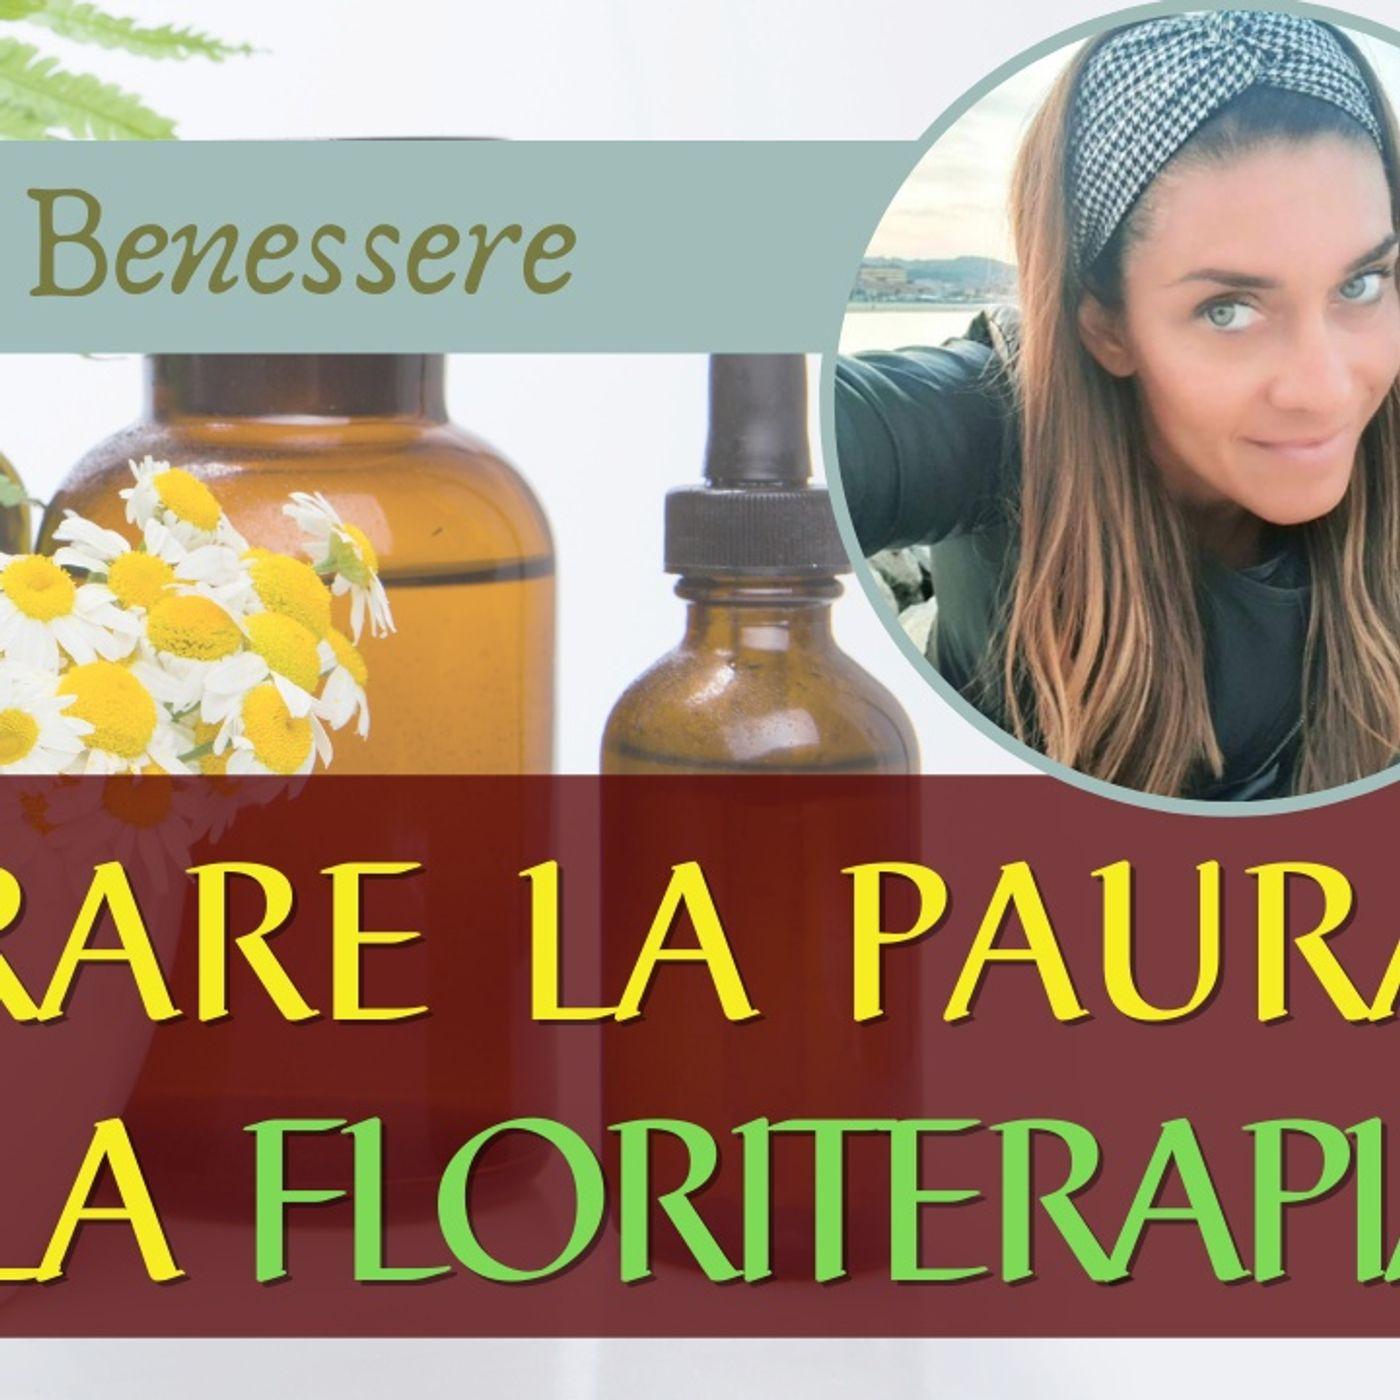 Come superare la paura con la Floriterapia  | Natura & Benessere con Manuela Micucci | Live